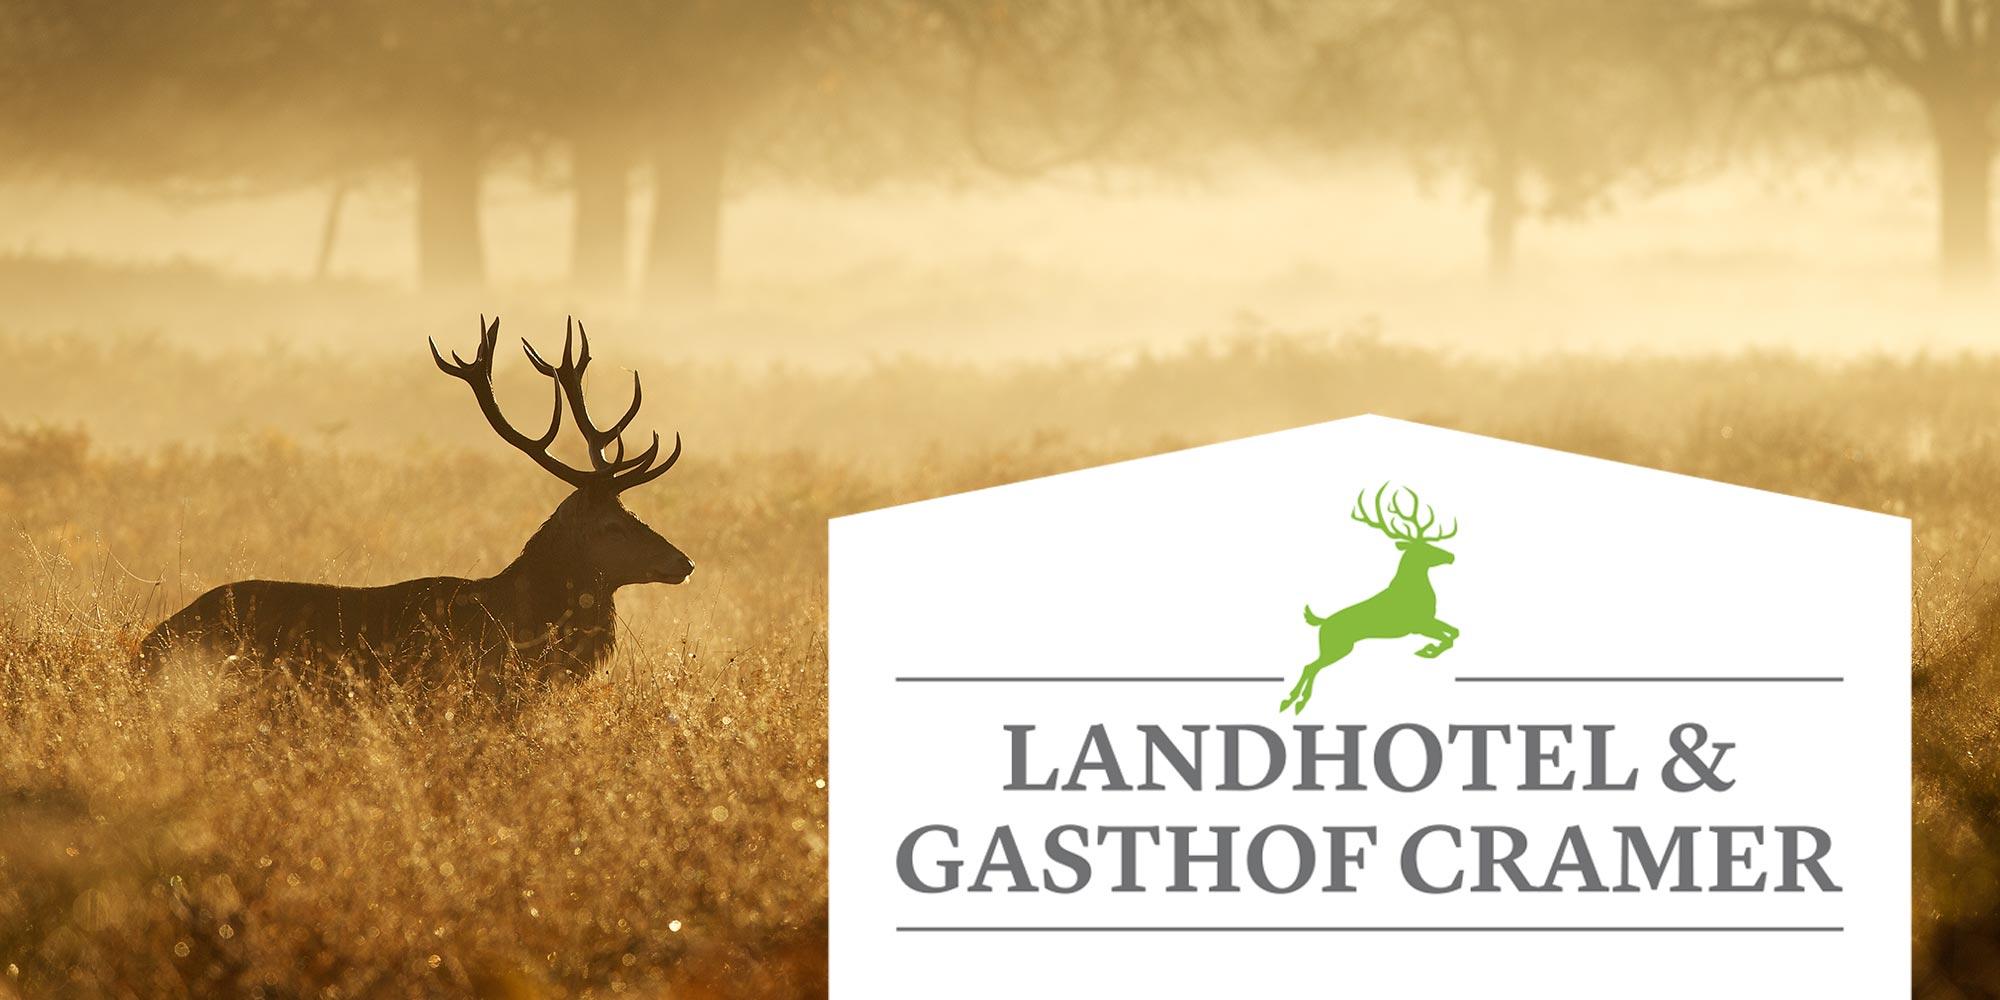 Landhotel und Gasthof Cramer Impressum Hirsch